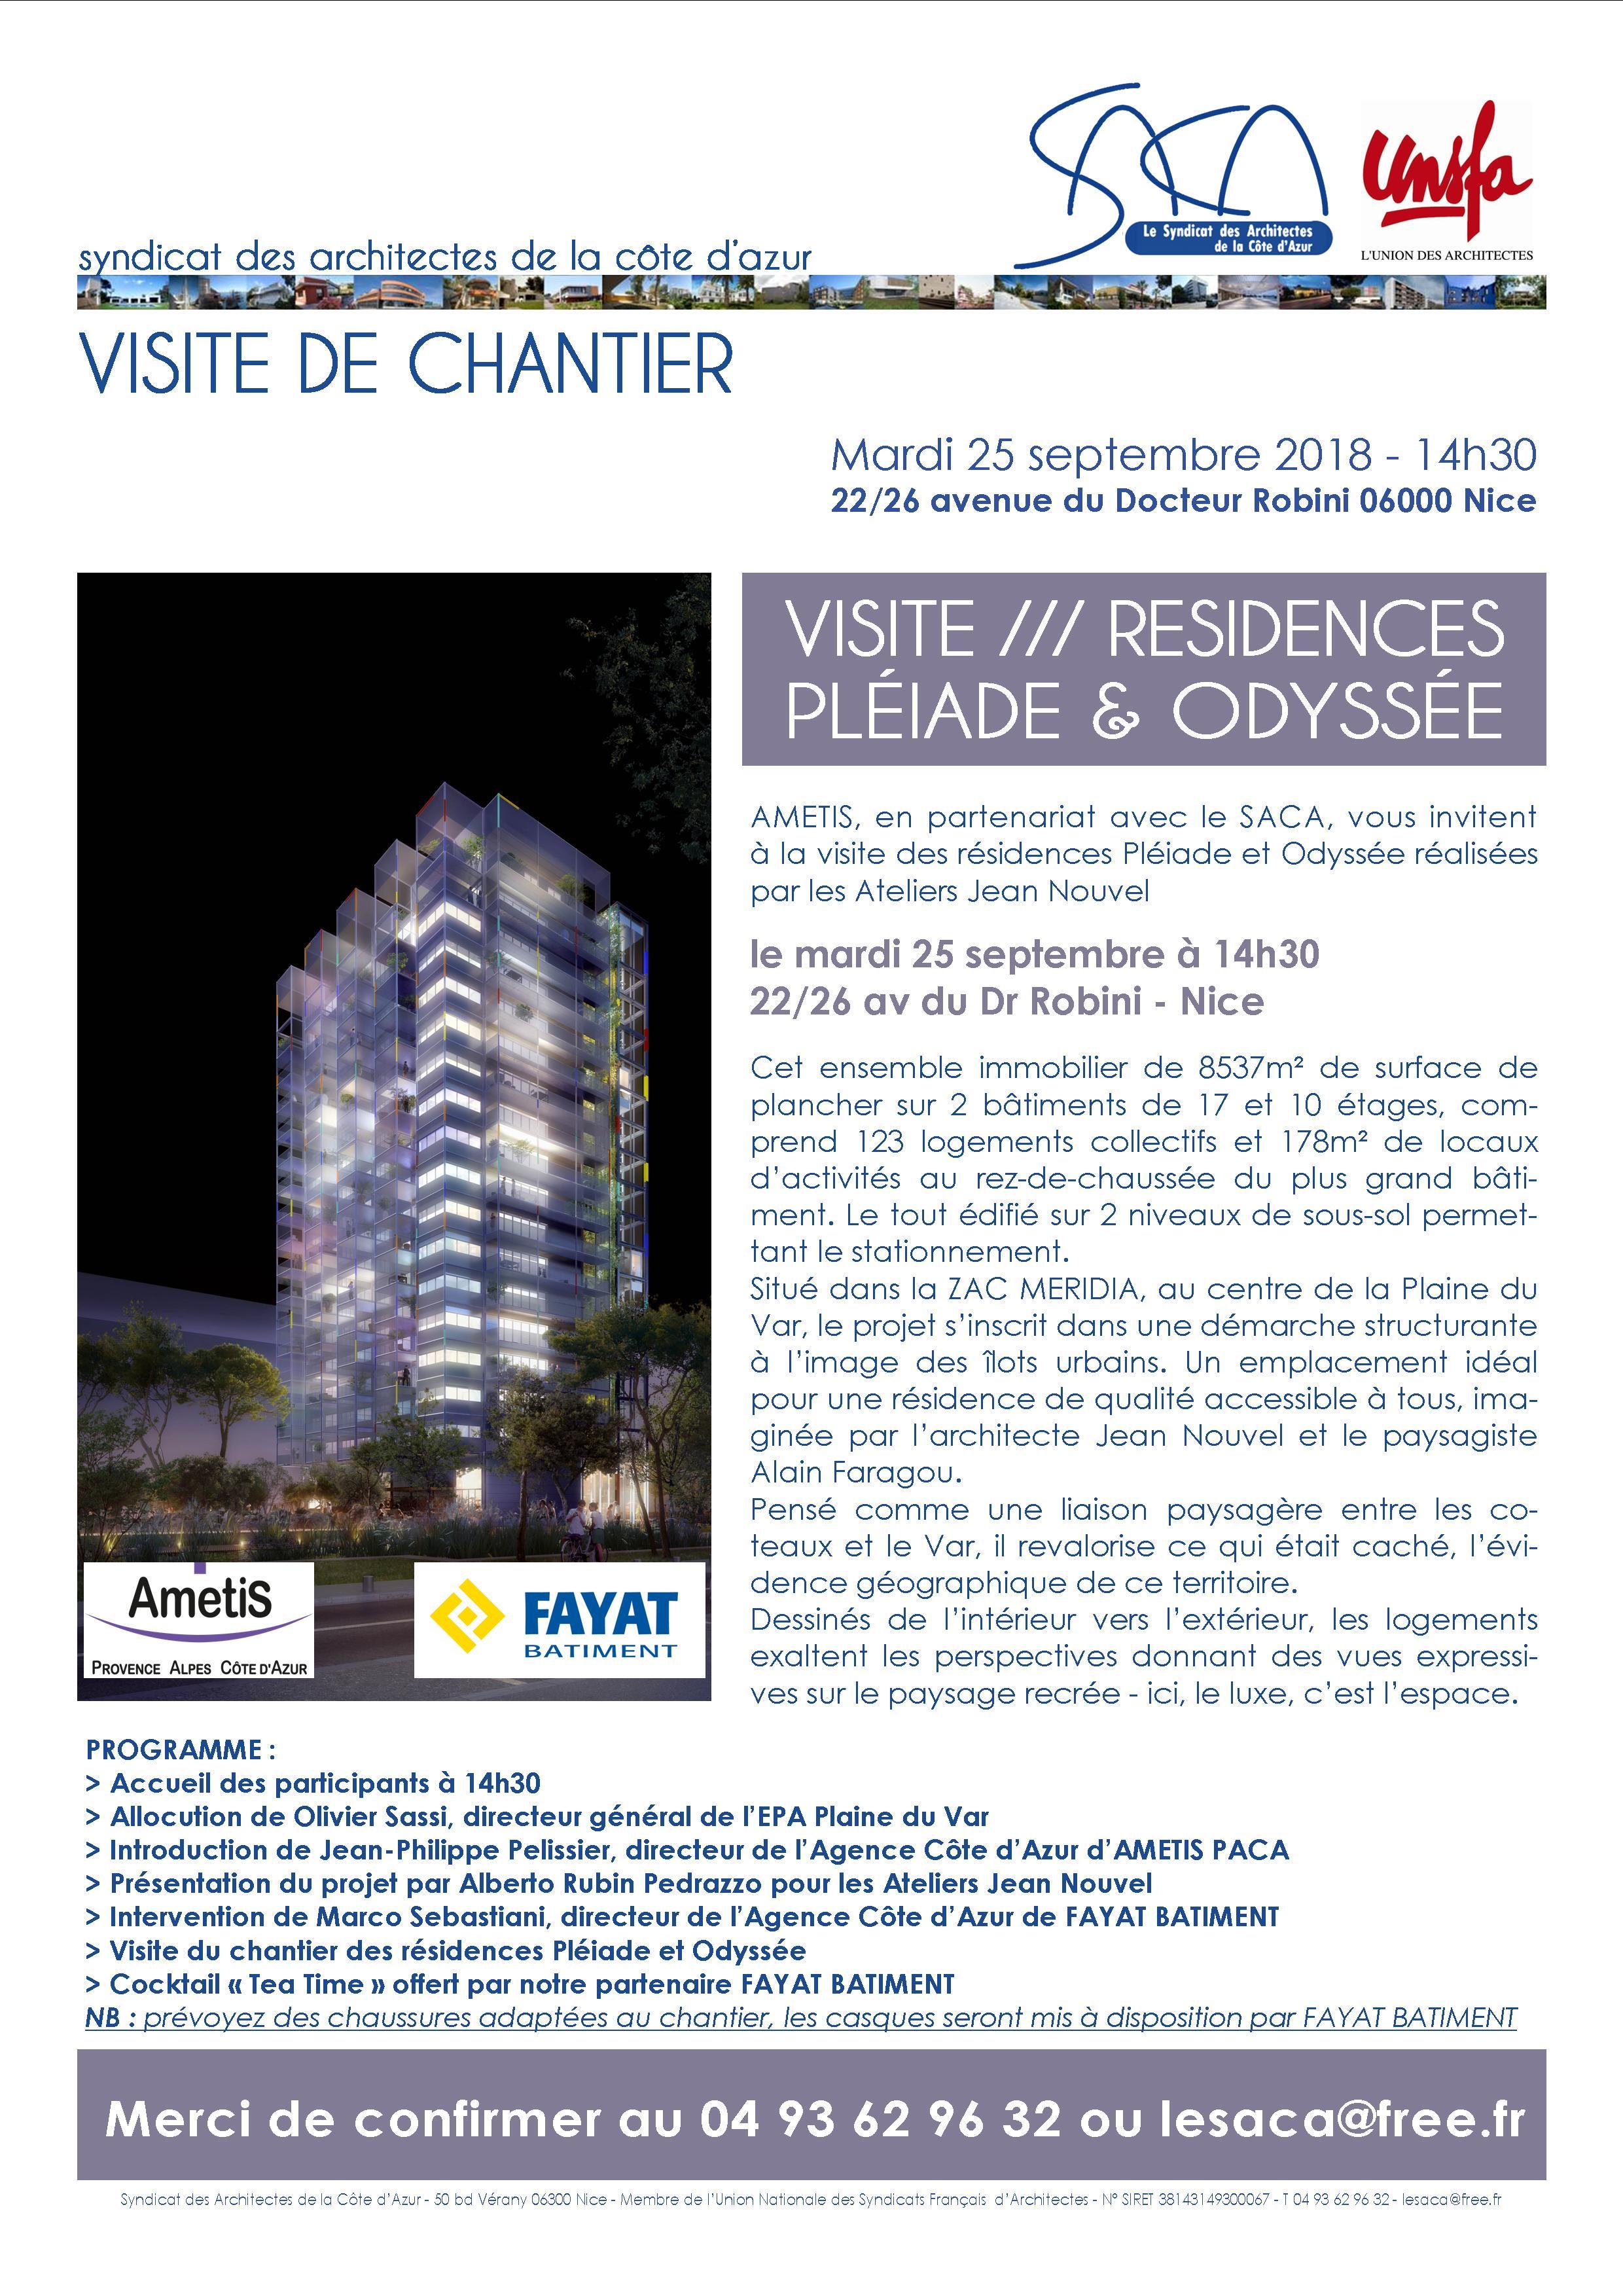 VISITE DE CHANTIER /// RÉSIDENCES PLÉIADE ET ODYSSÉE (JEAN NOUVEL) @ Résidences Pléiade et Odyssée | Nice | Provence-Alpes-Côte d'Azur | France